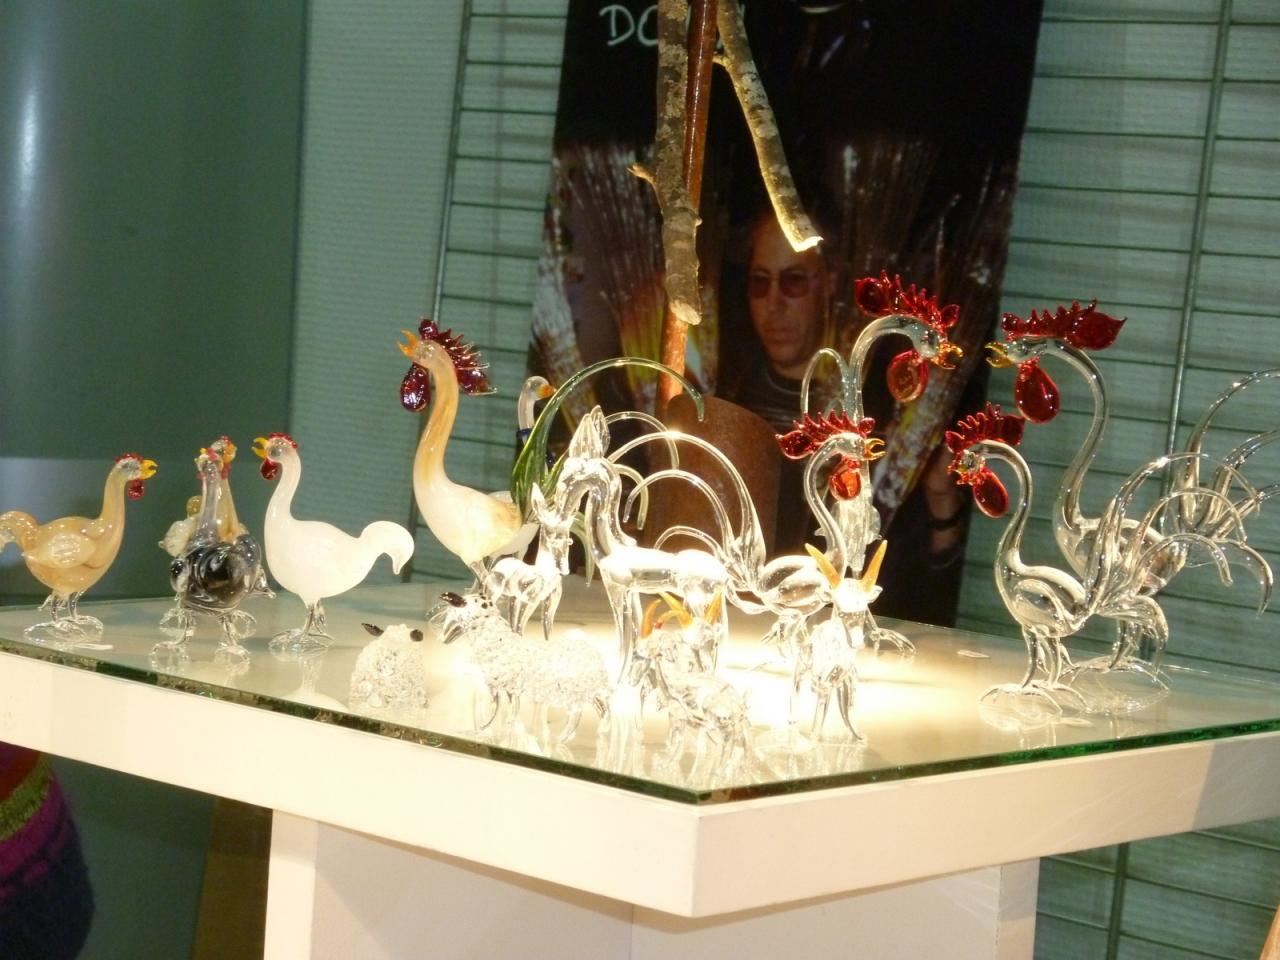 Coqs de verre